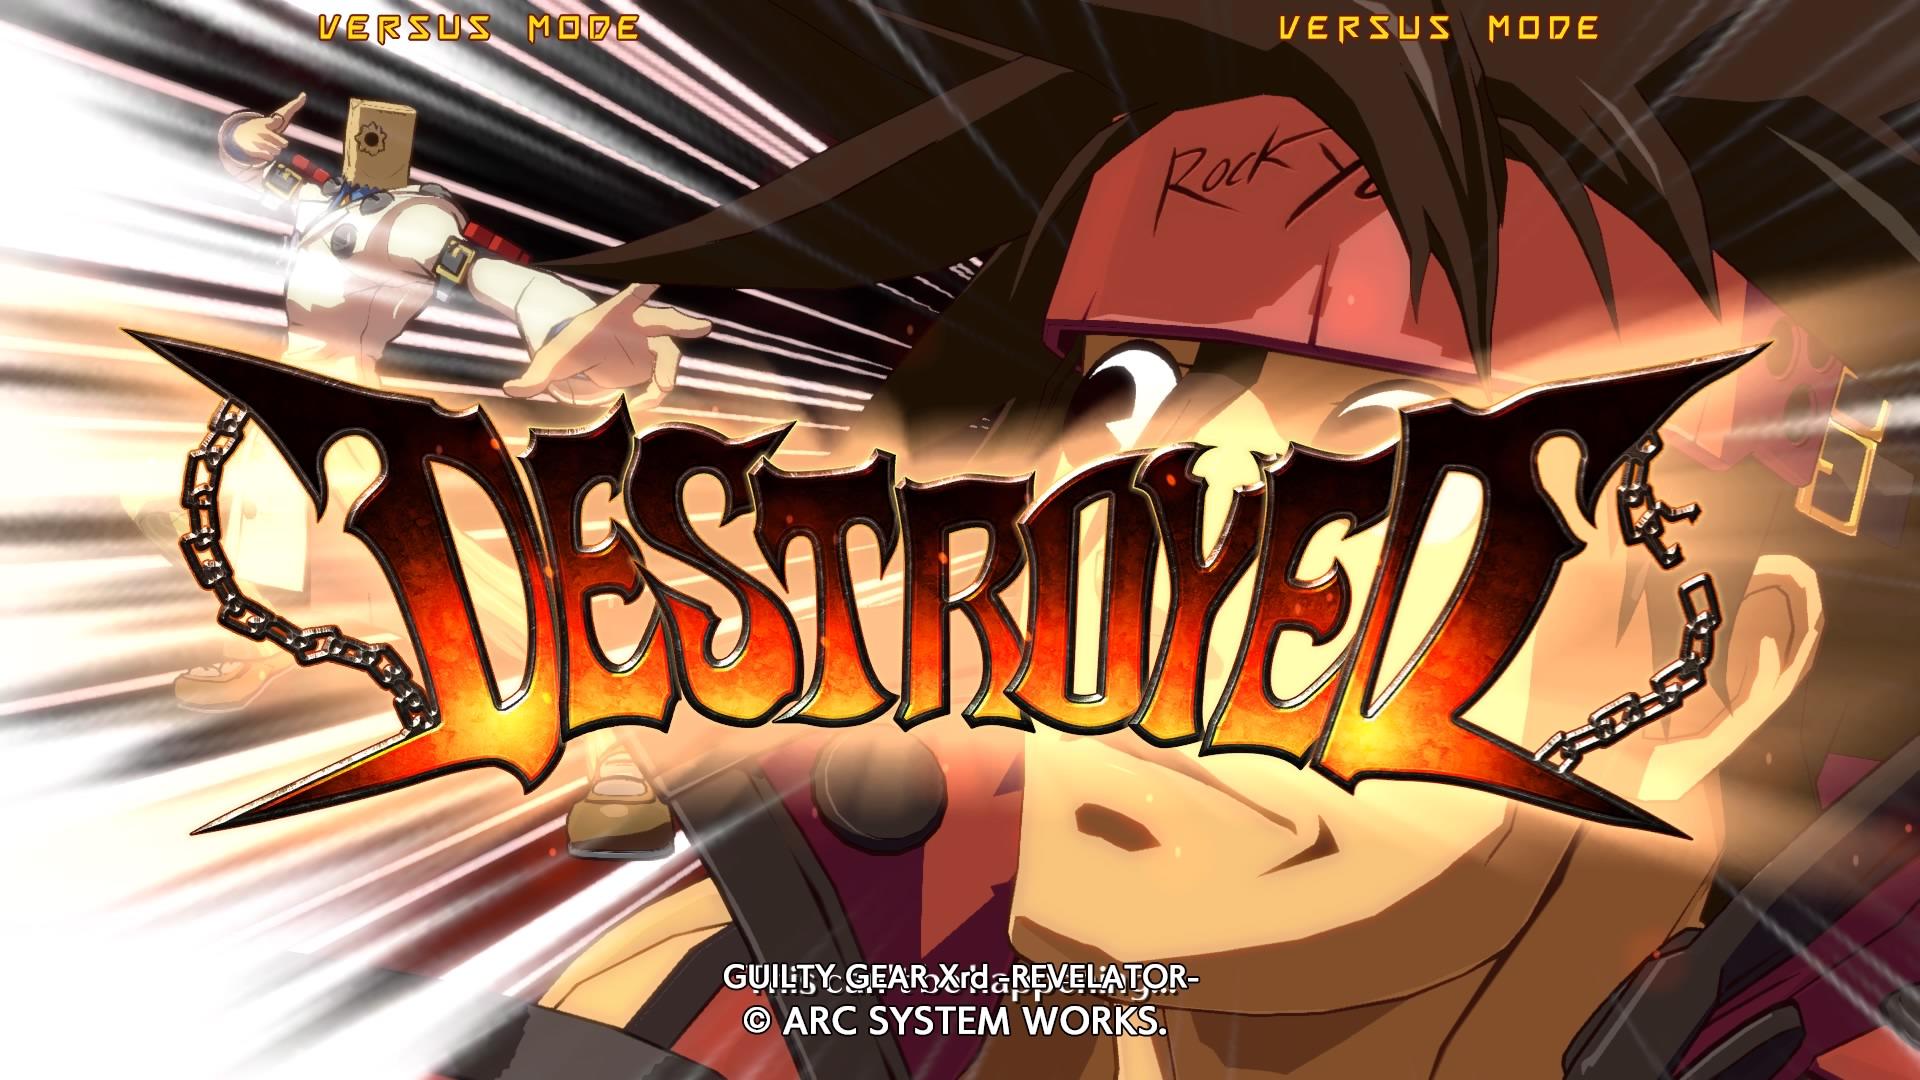 GuiltyGearXrd-Revelator PS4 Test 007